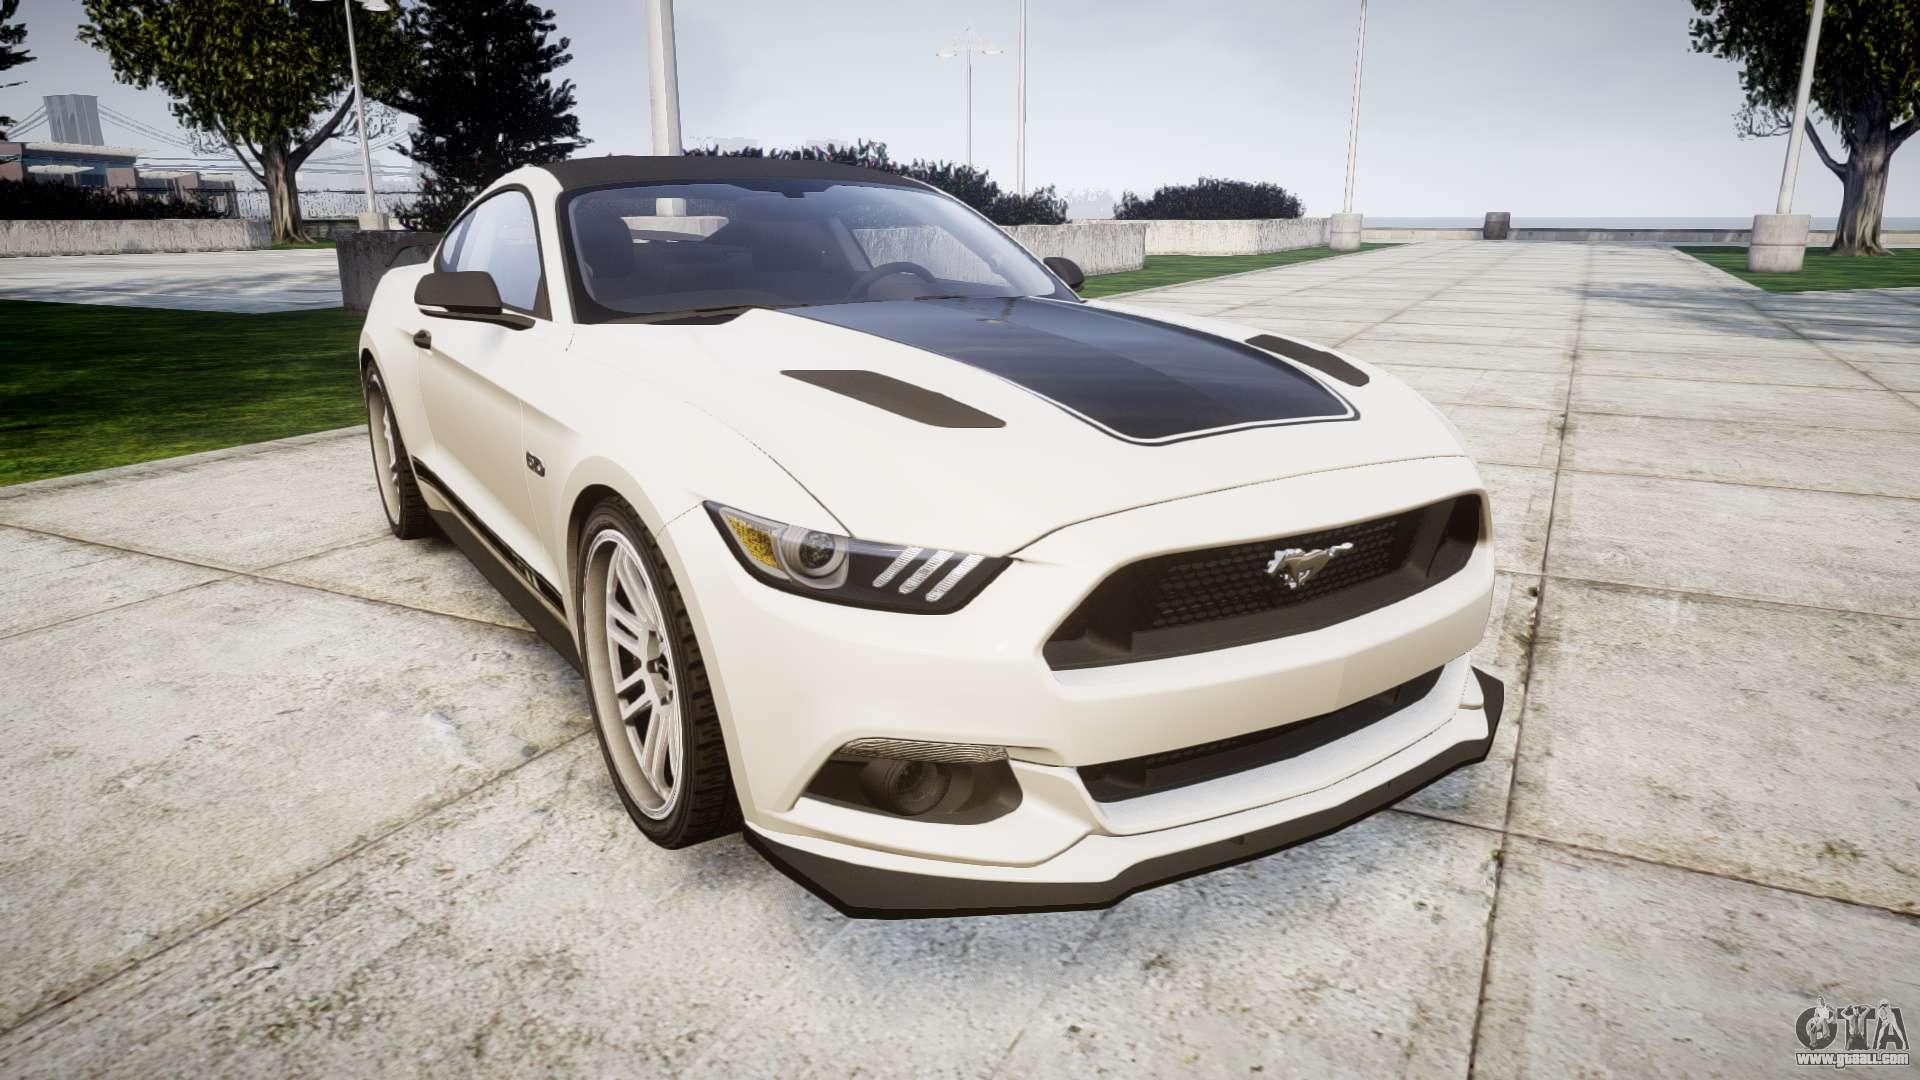 Custom 2014 Ford Mustang gt Ford Mustang gt 2015 Custom